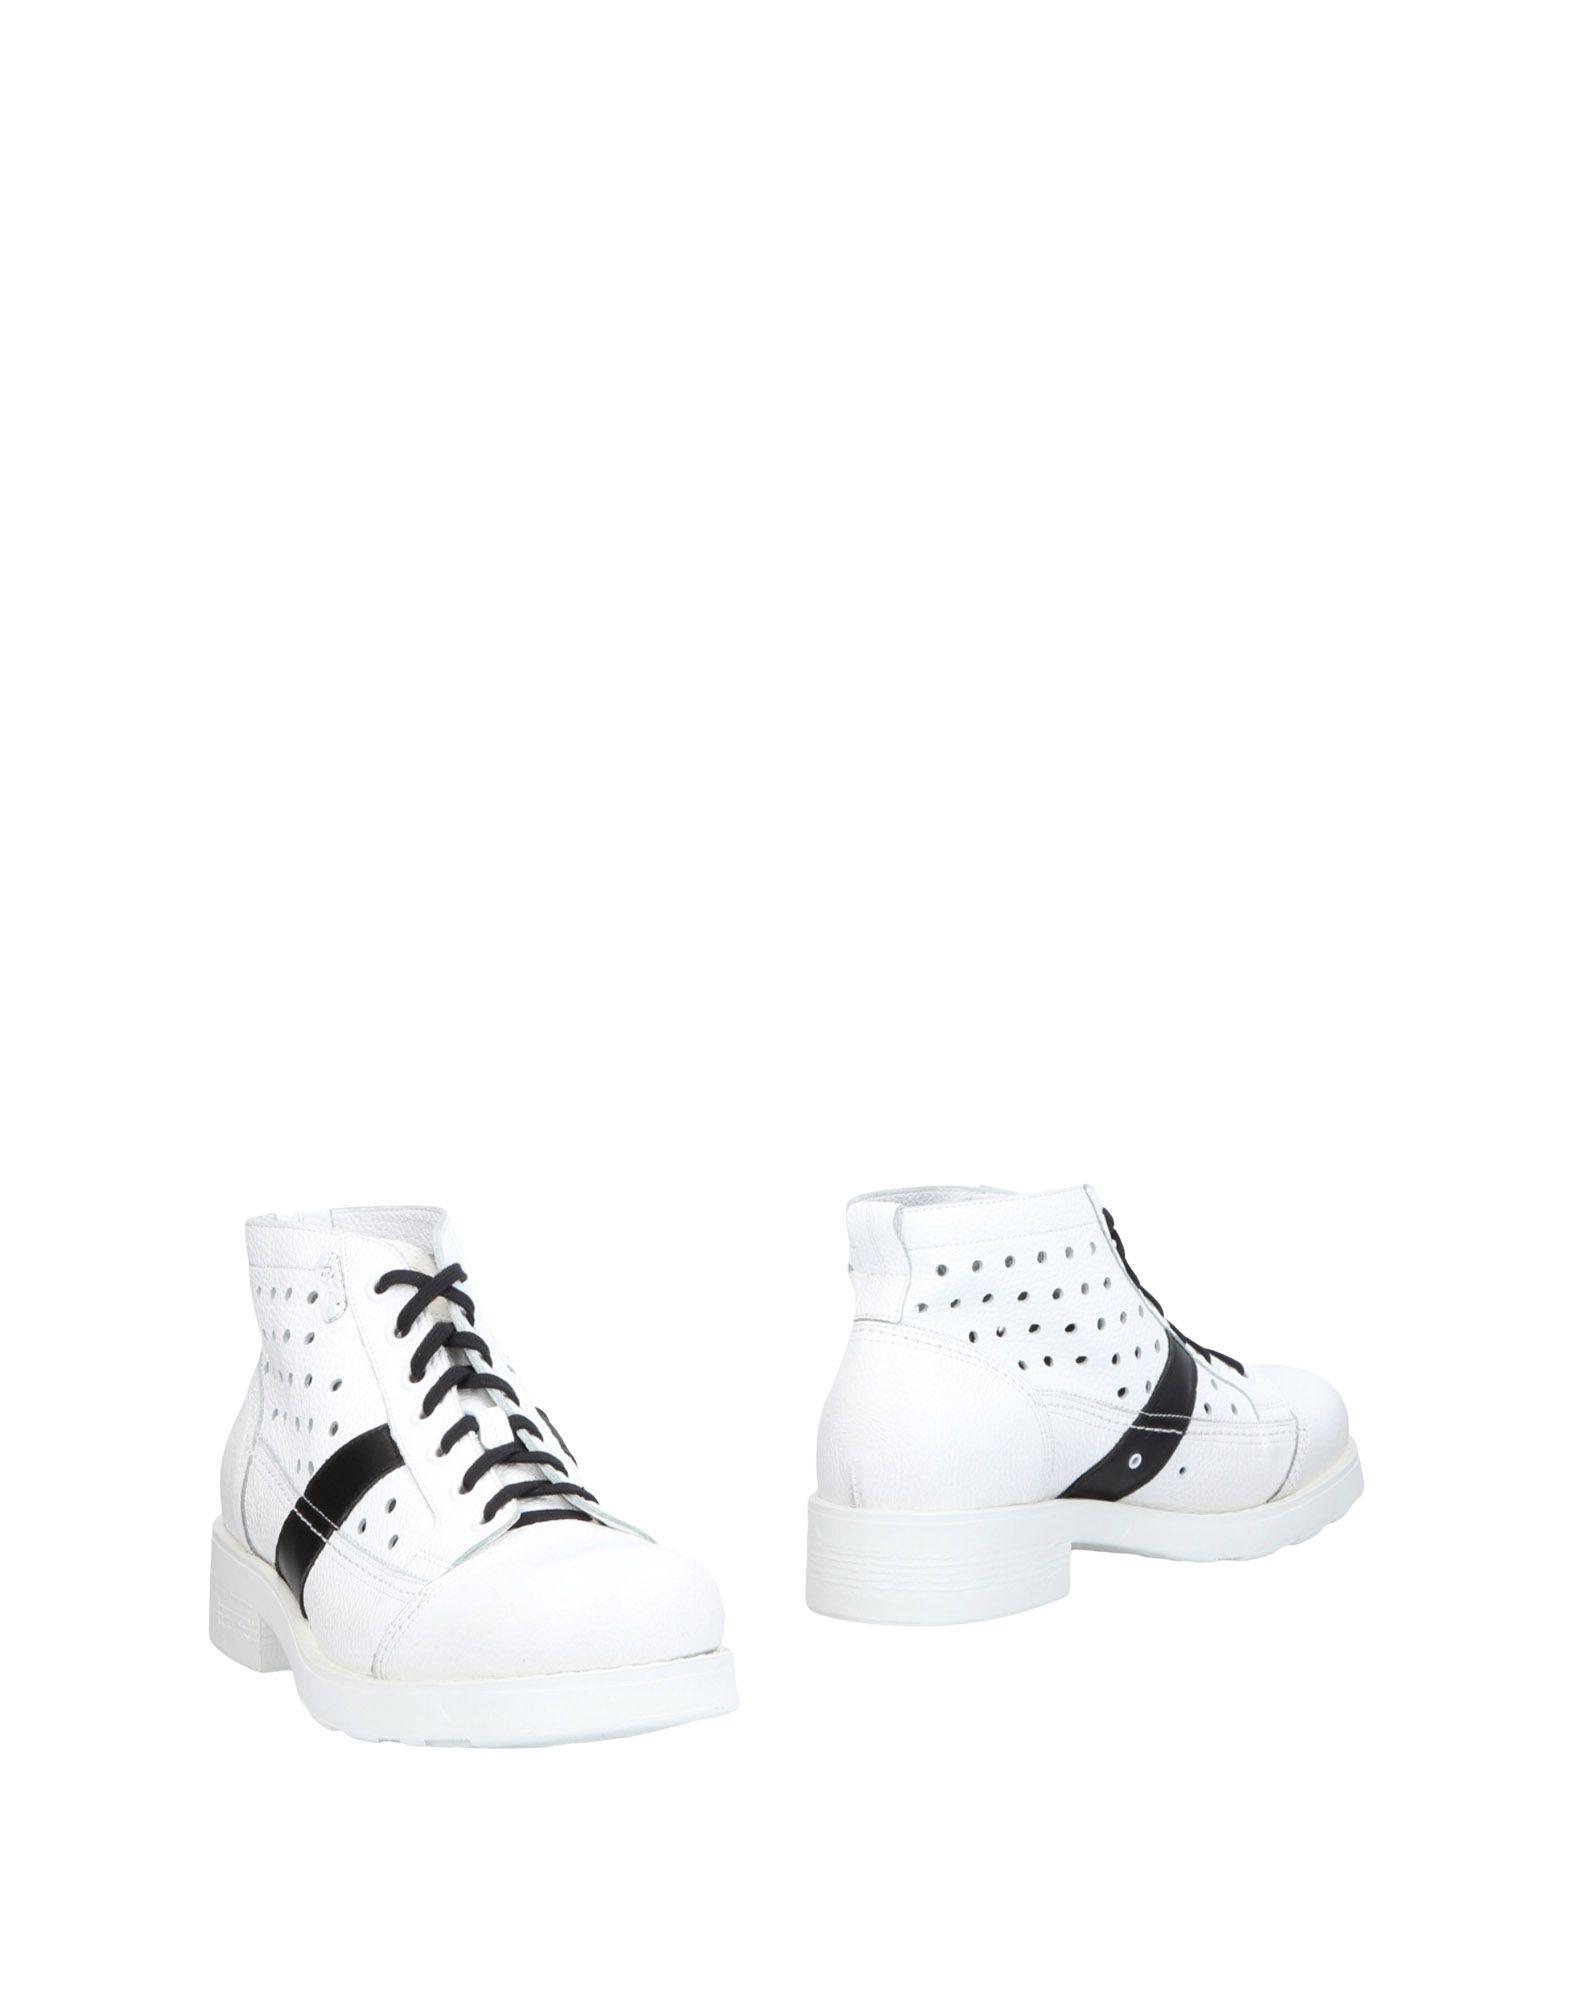 O.X.S. Stiefelette Herren  11118375RG Gute Qualität beliebte Schuhe